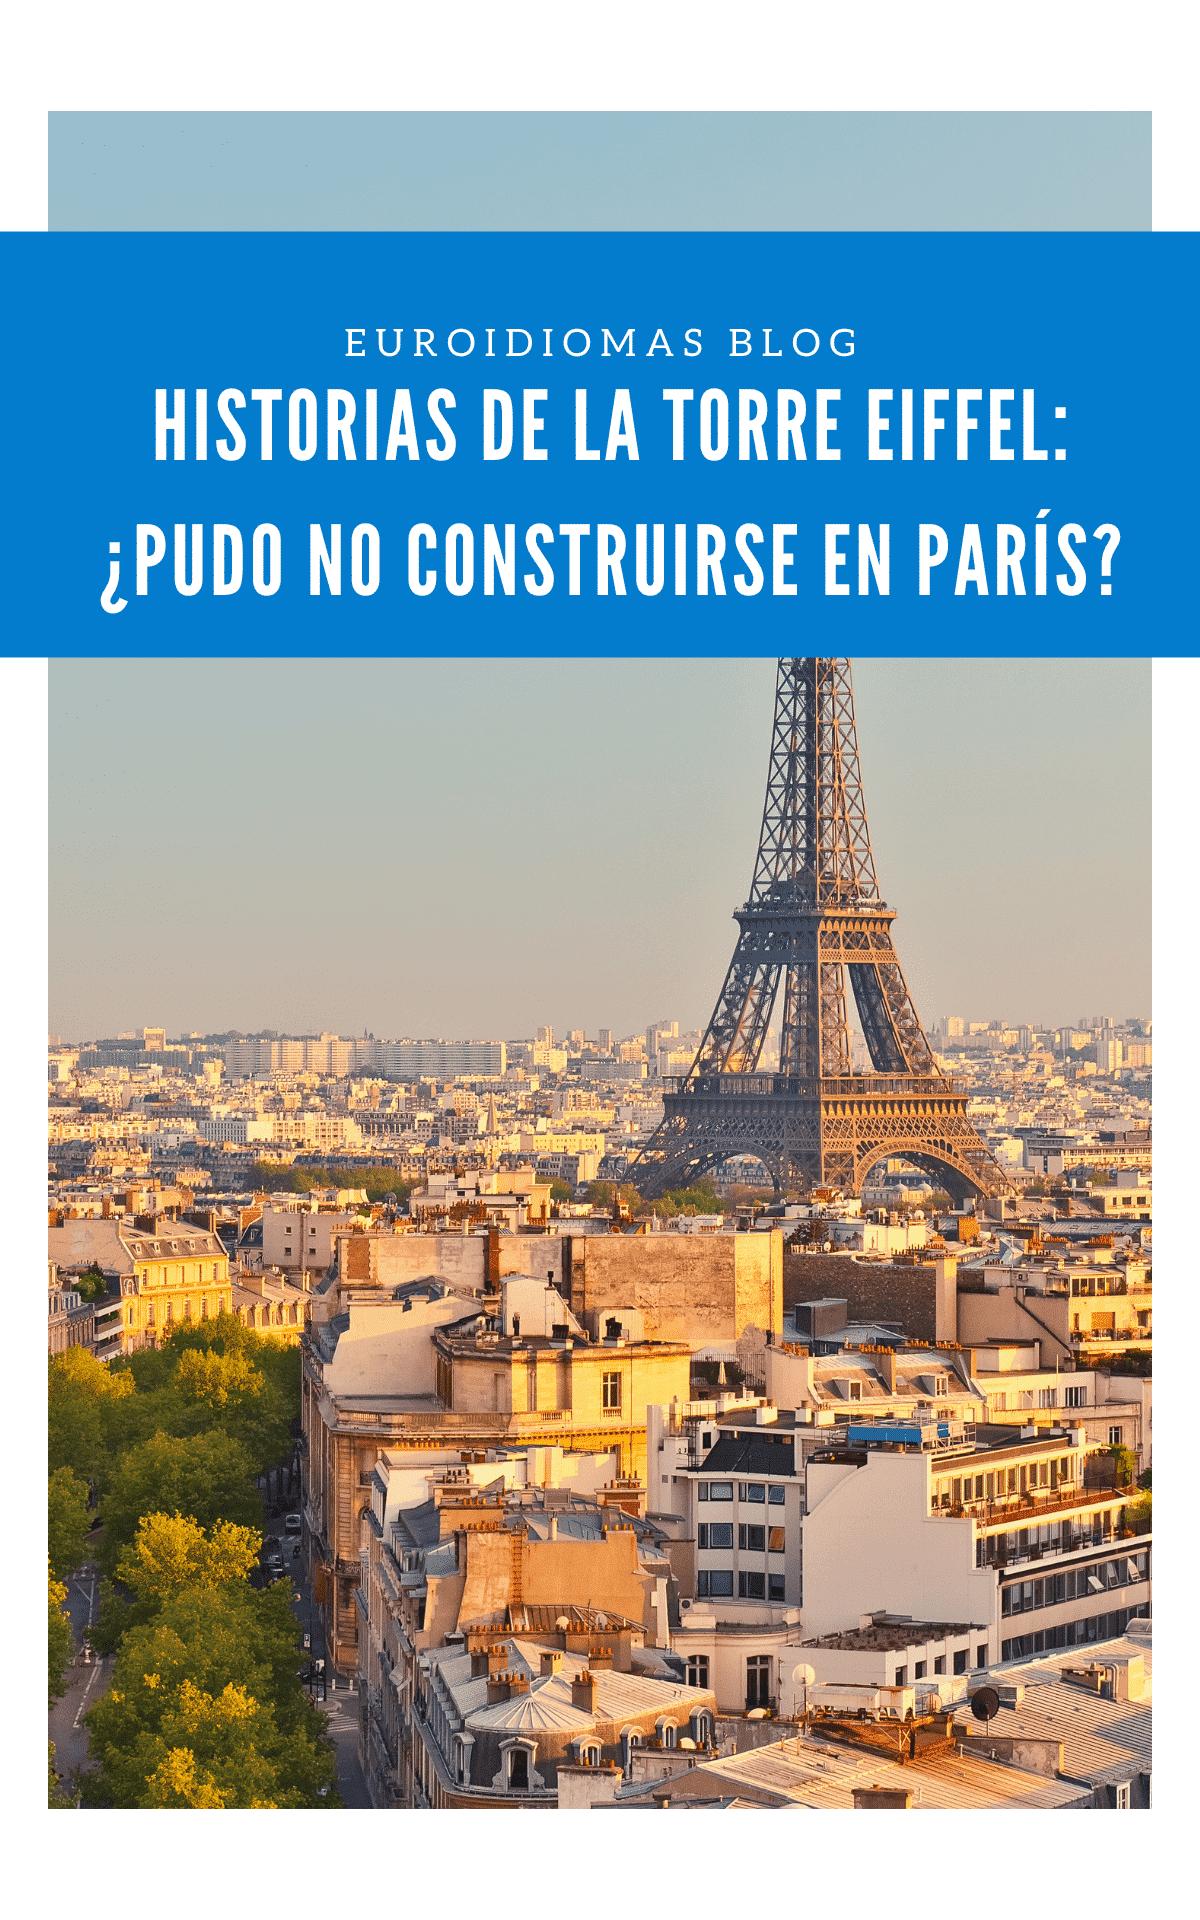 Historias de la Torre Eiffel: ¿Pudo no construirse en París?